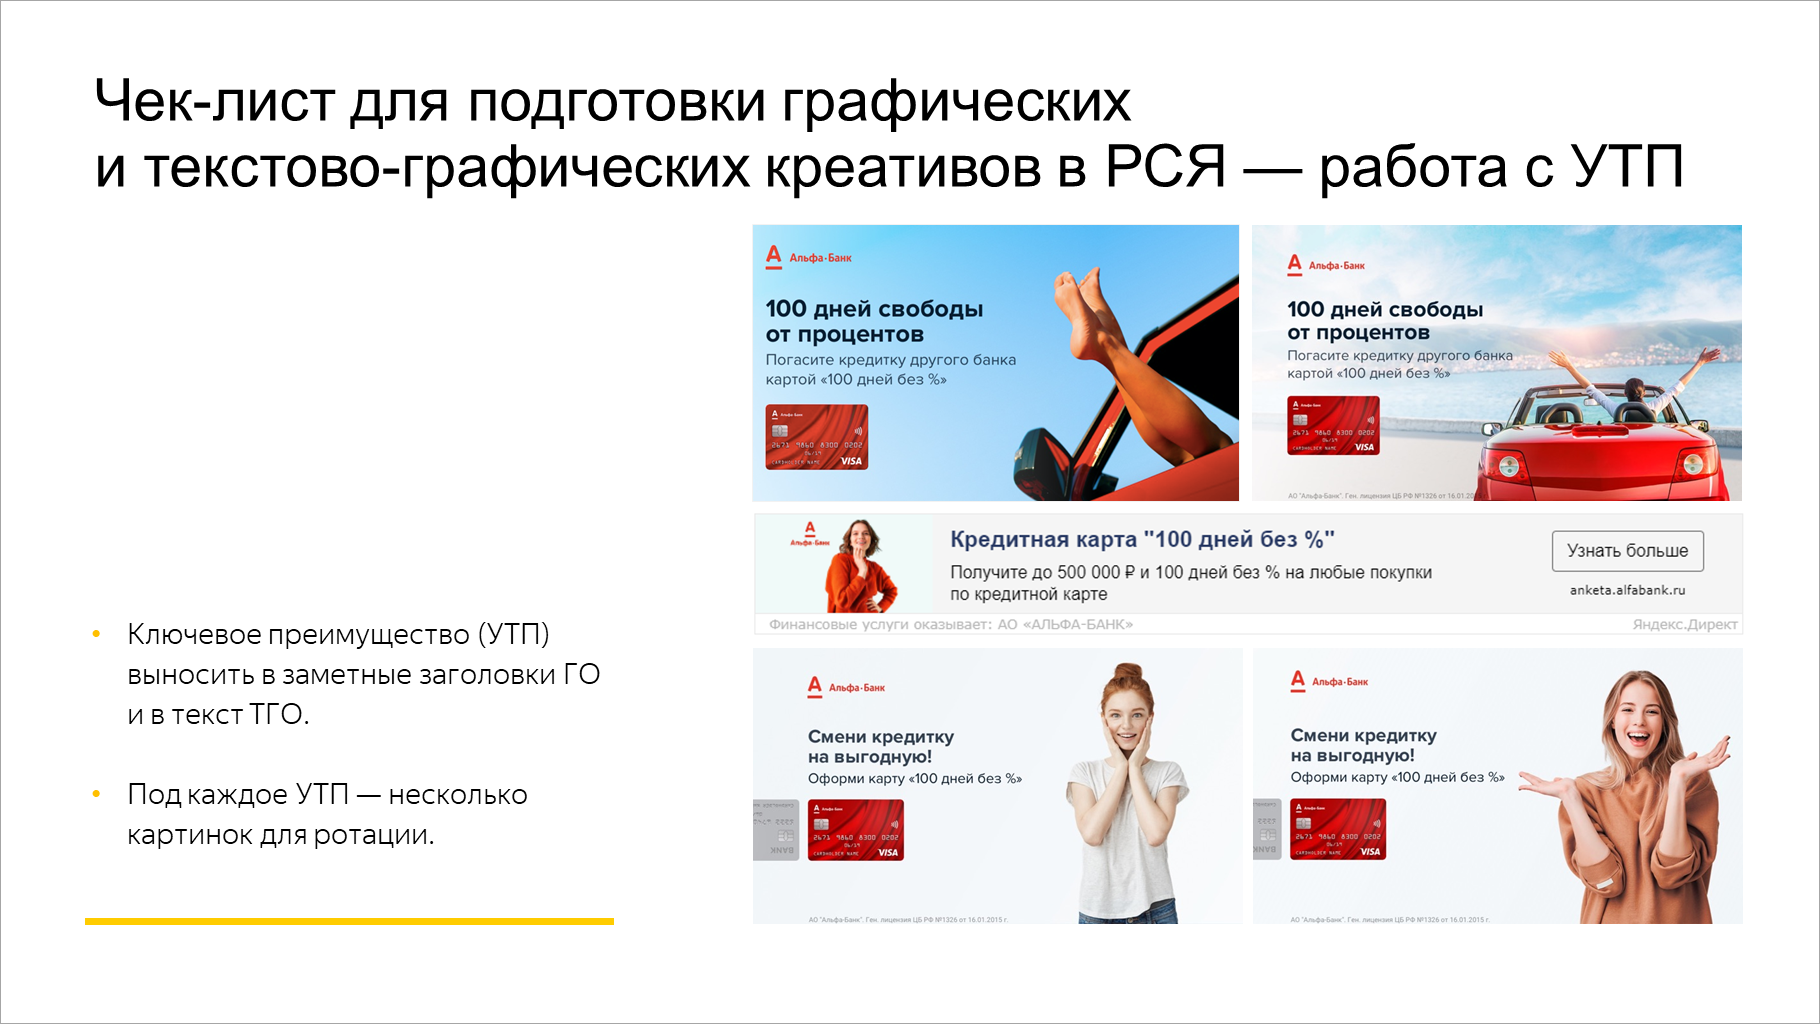 Чек-лист для подготовки графических и текстово-графических креативов в РСЯ — работа с УТП